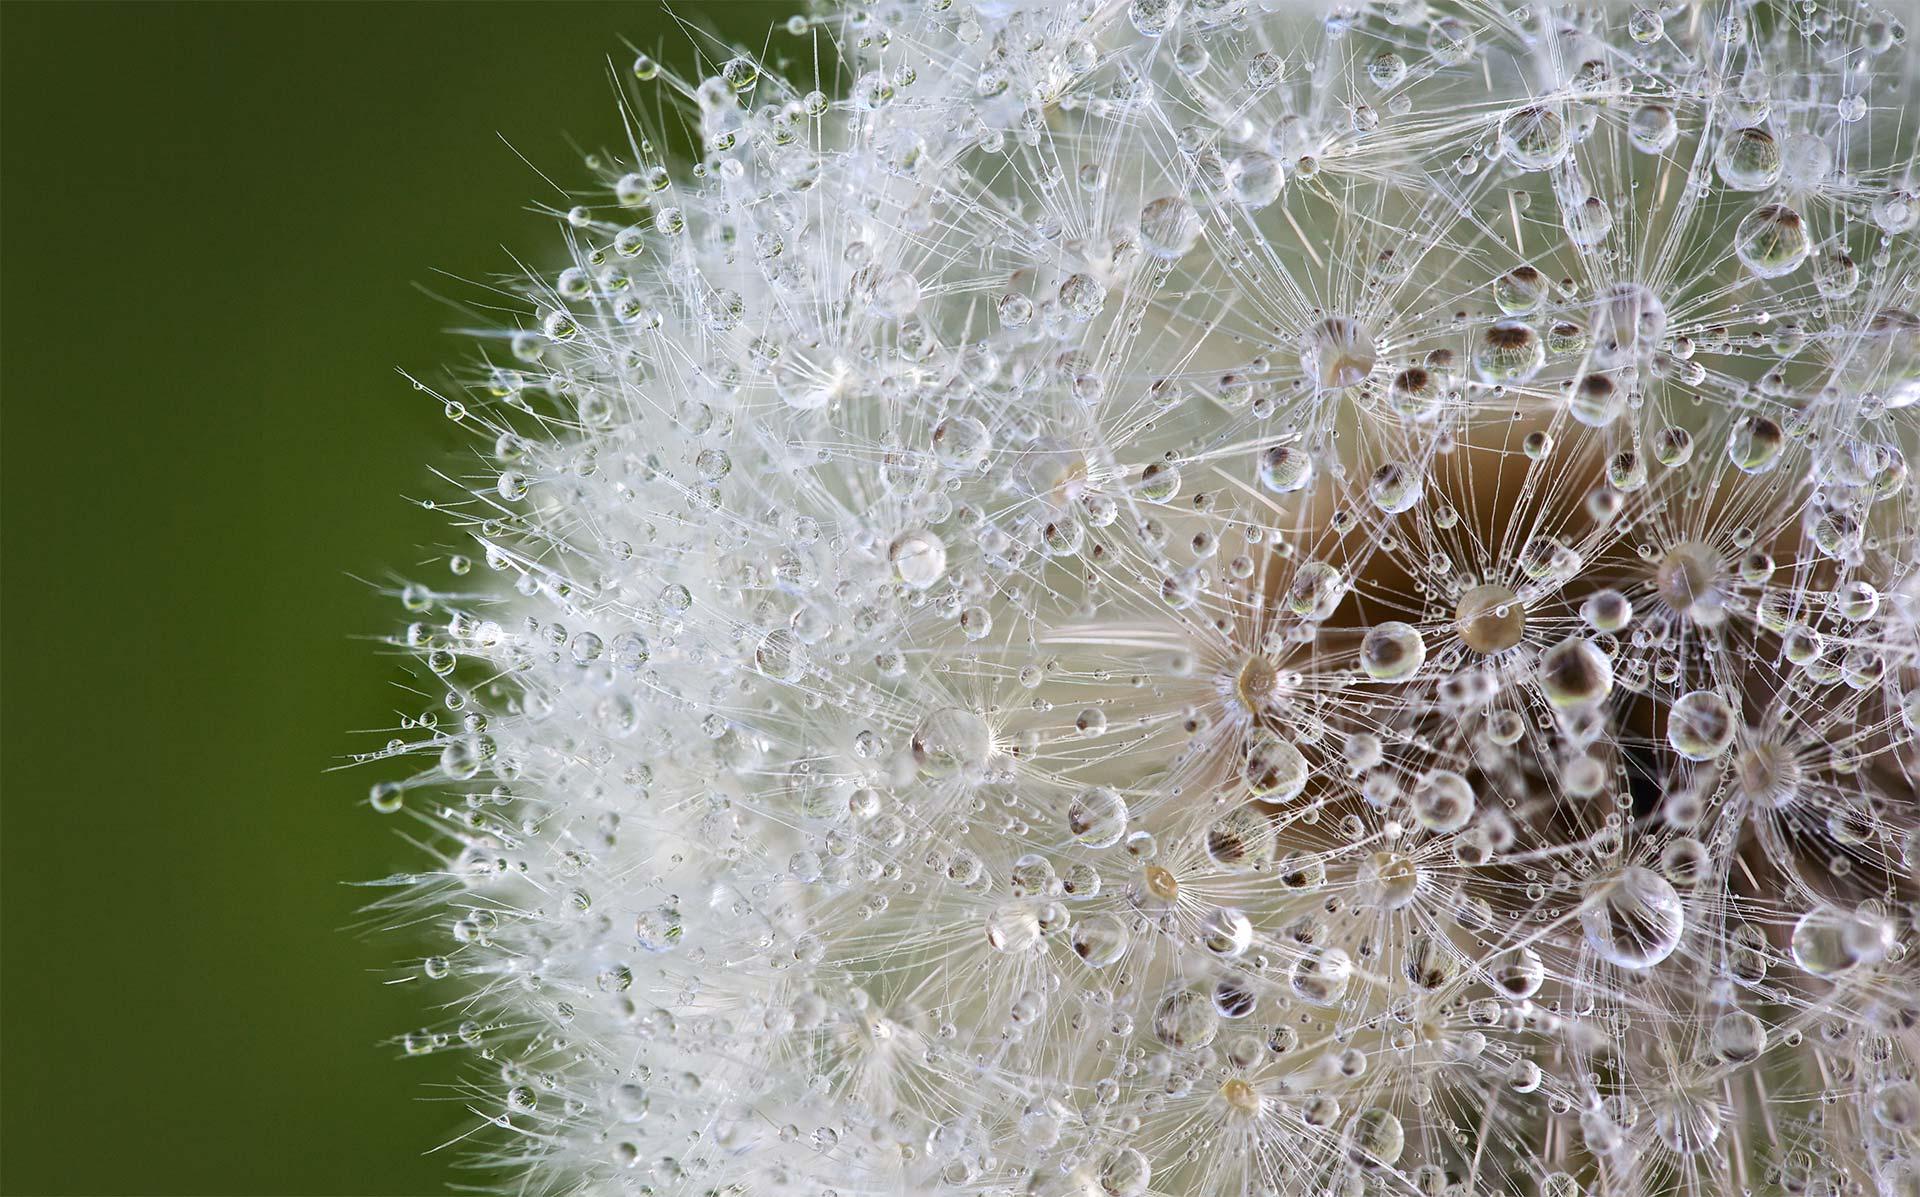 Pusteblume mit Wassertropfen